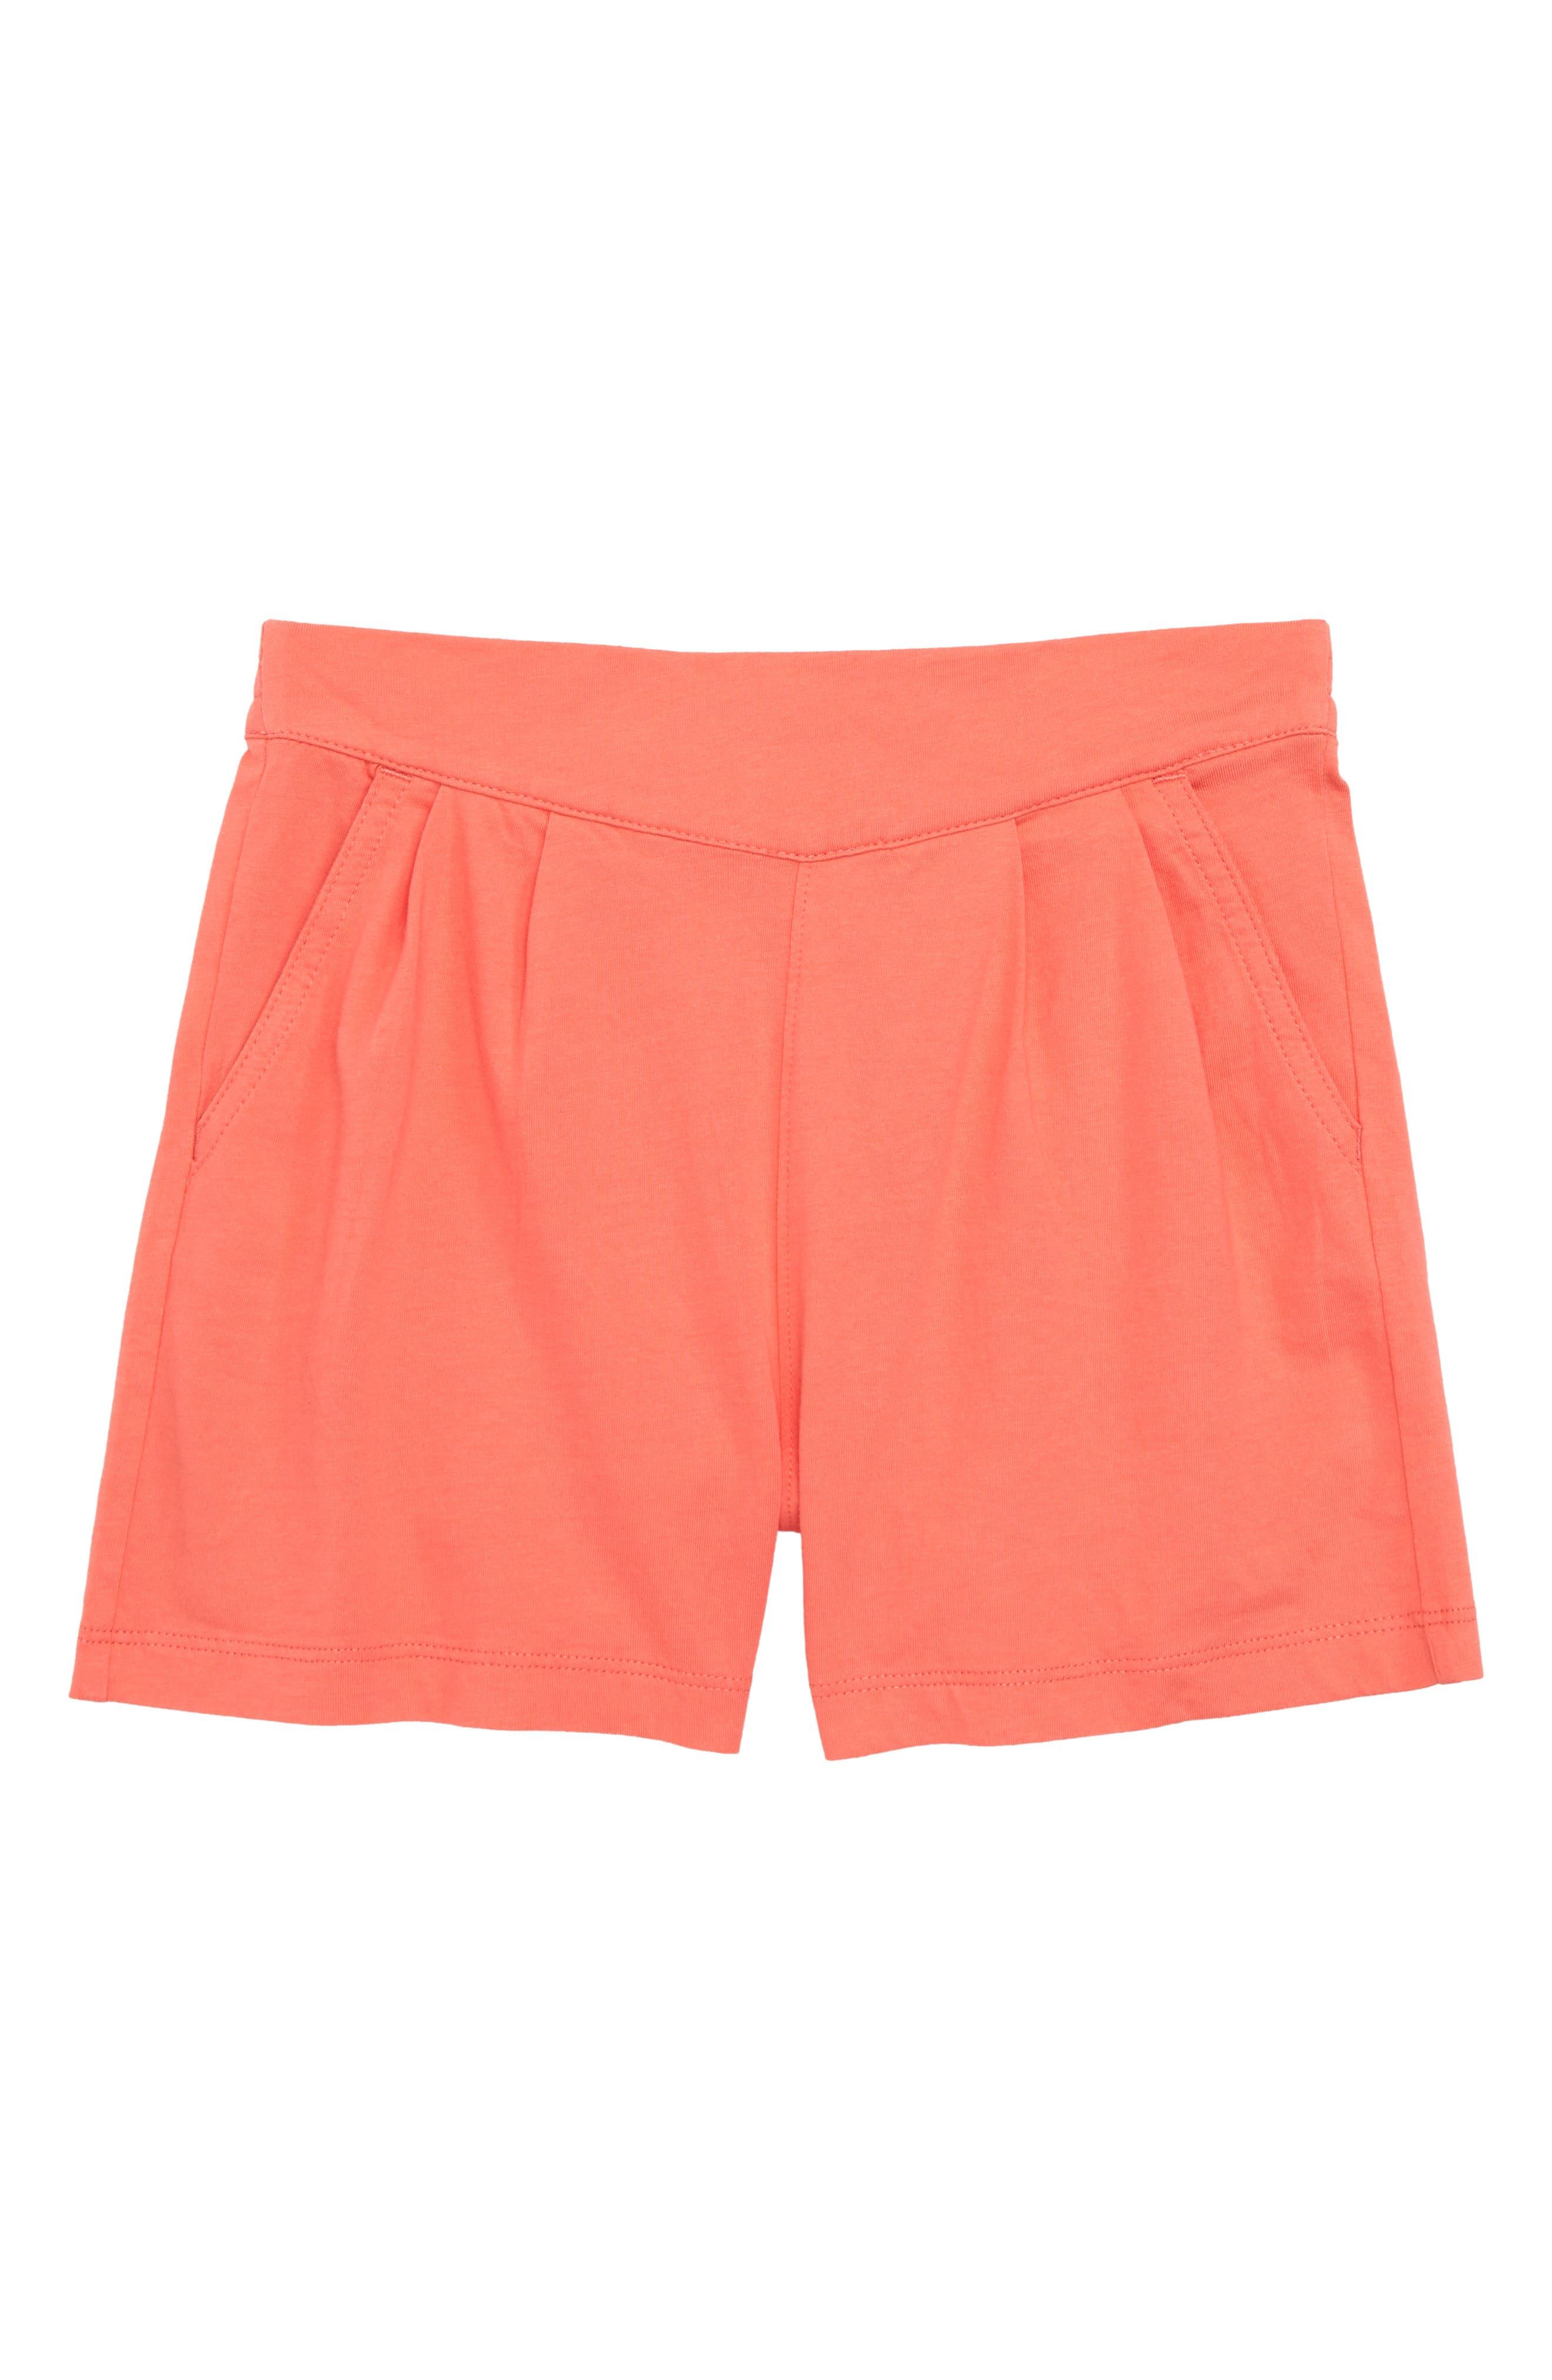 Boat Dock Shorts,                             Main thumbnail 3, color,